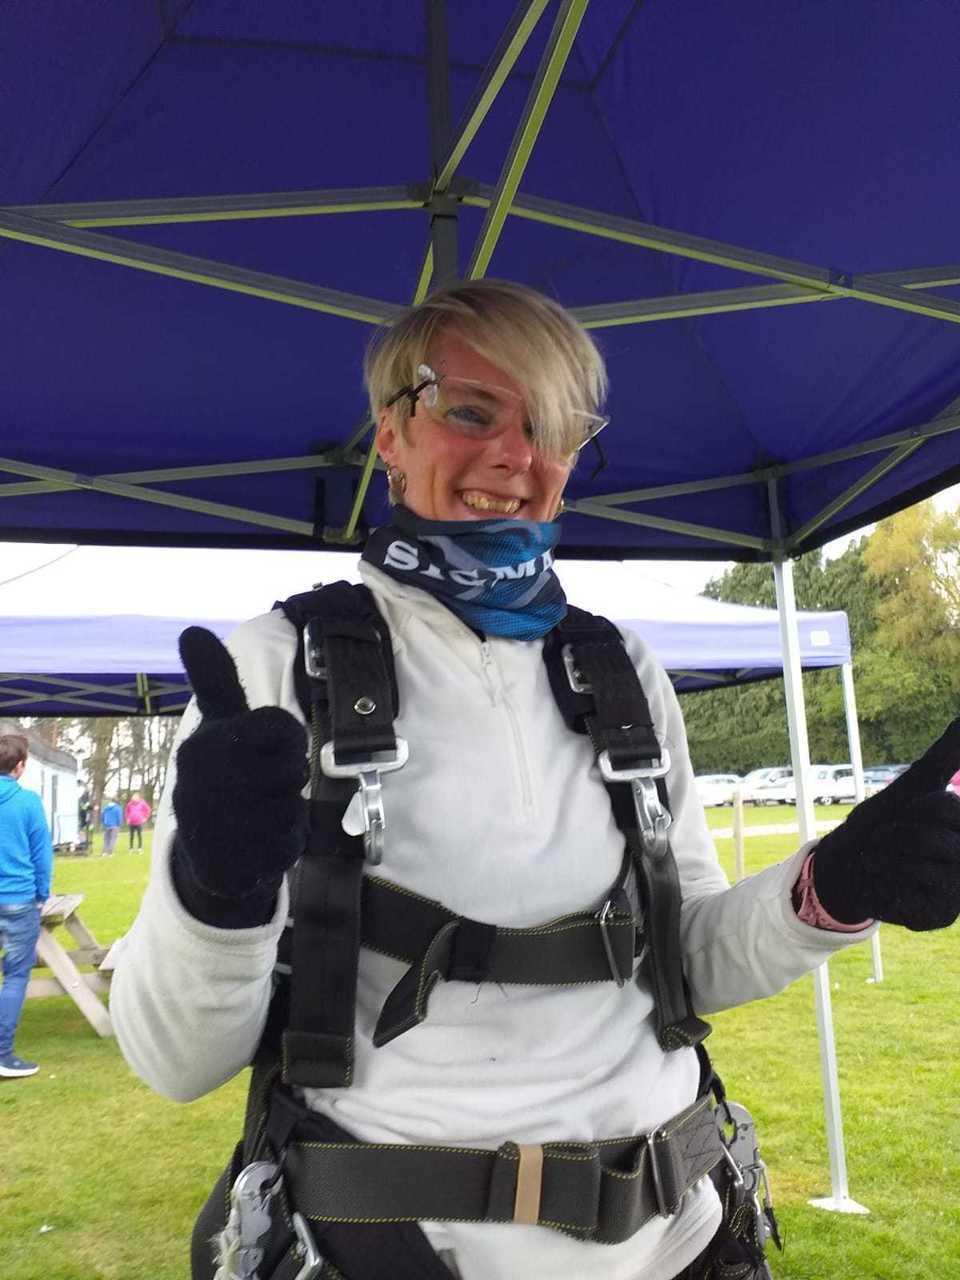 Skydiving Sue | Asda Llandudno